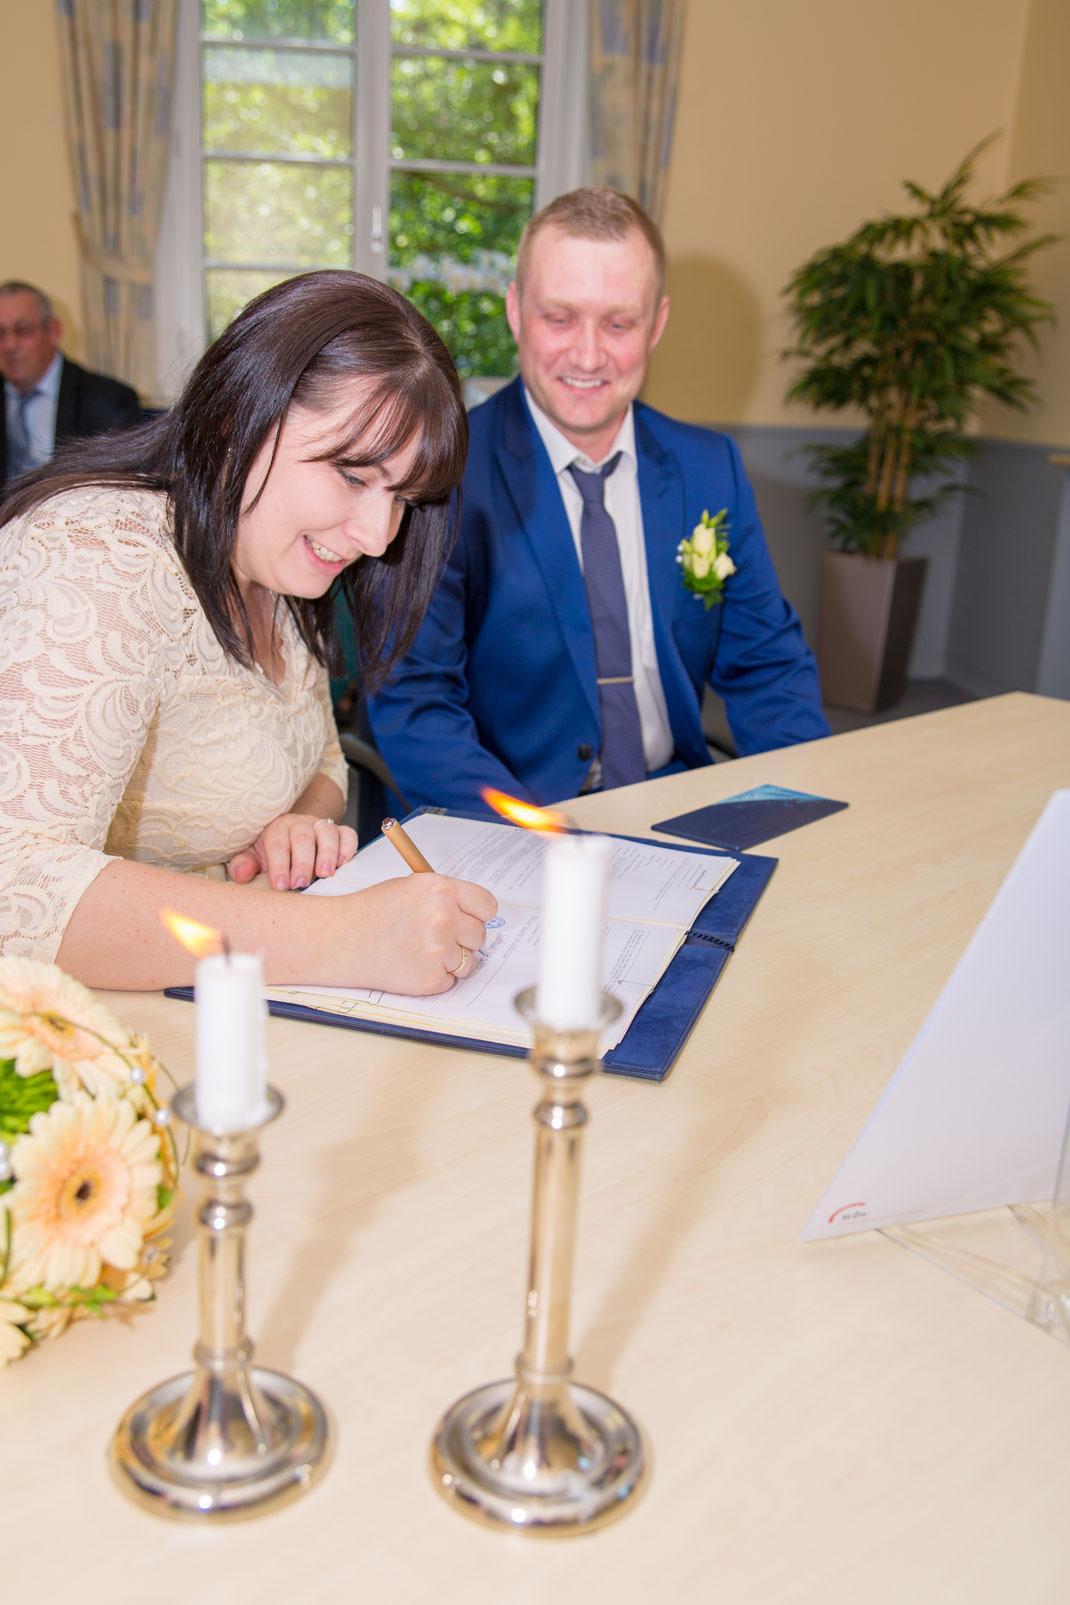 Zum ersten Mal mit anderem Nachnamen unterschreiben